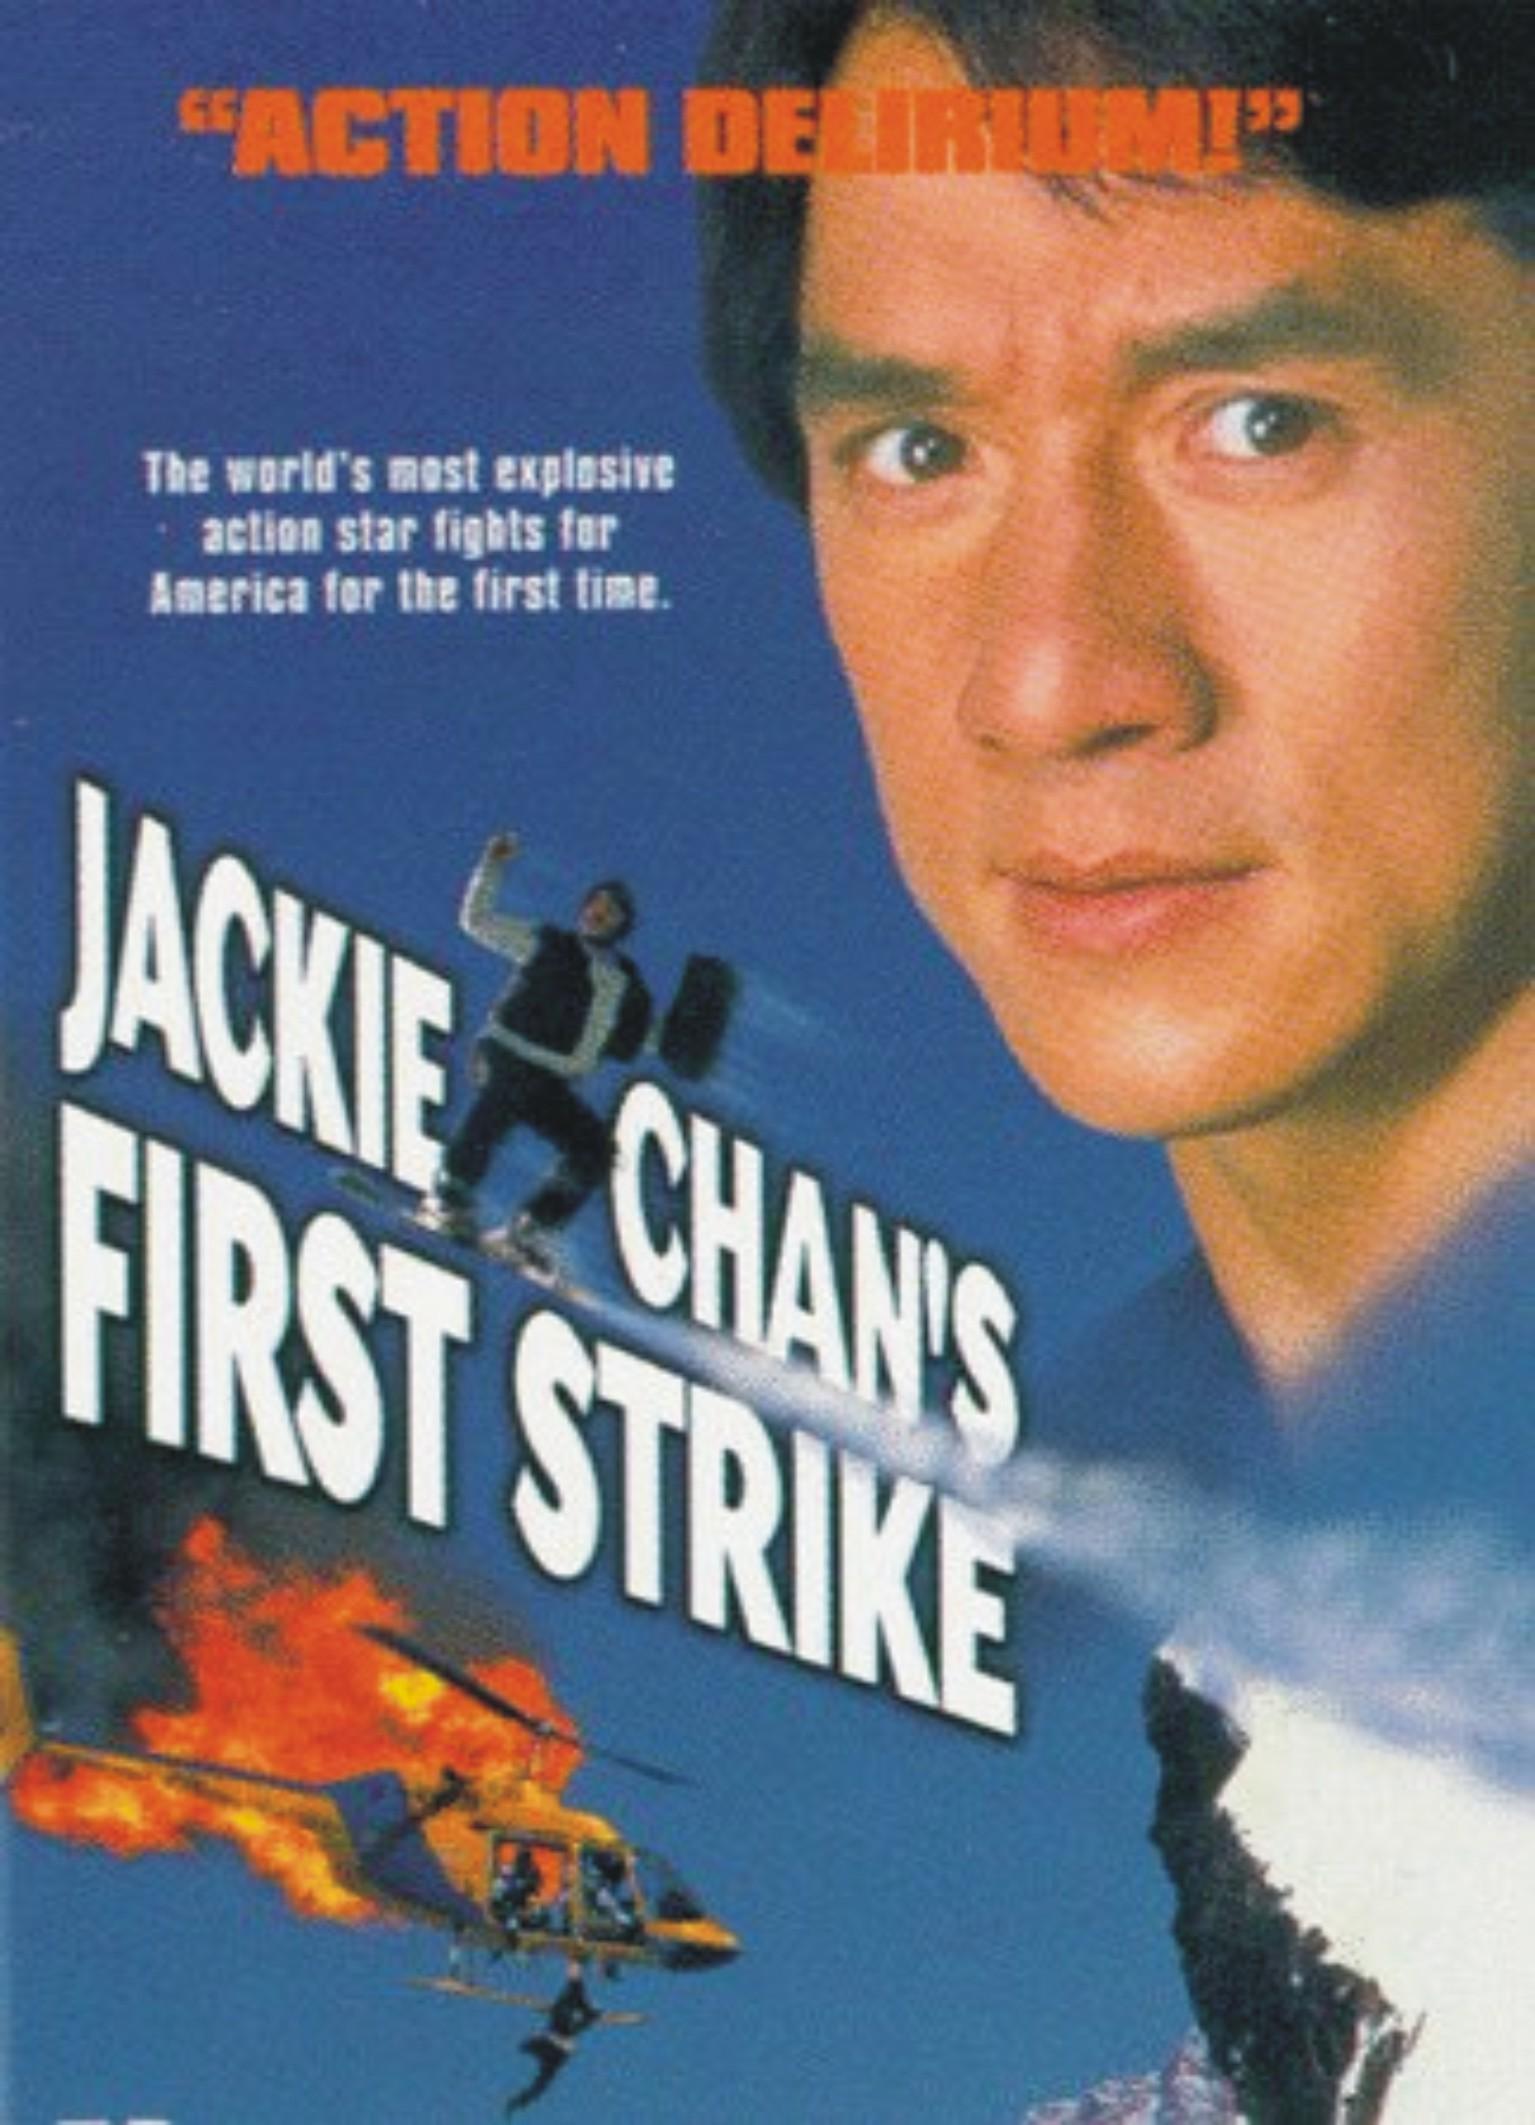 اولین برخورد (جکی جان و جكسون ليو)